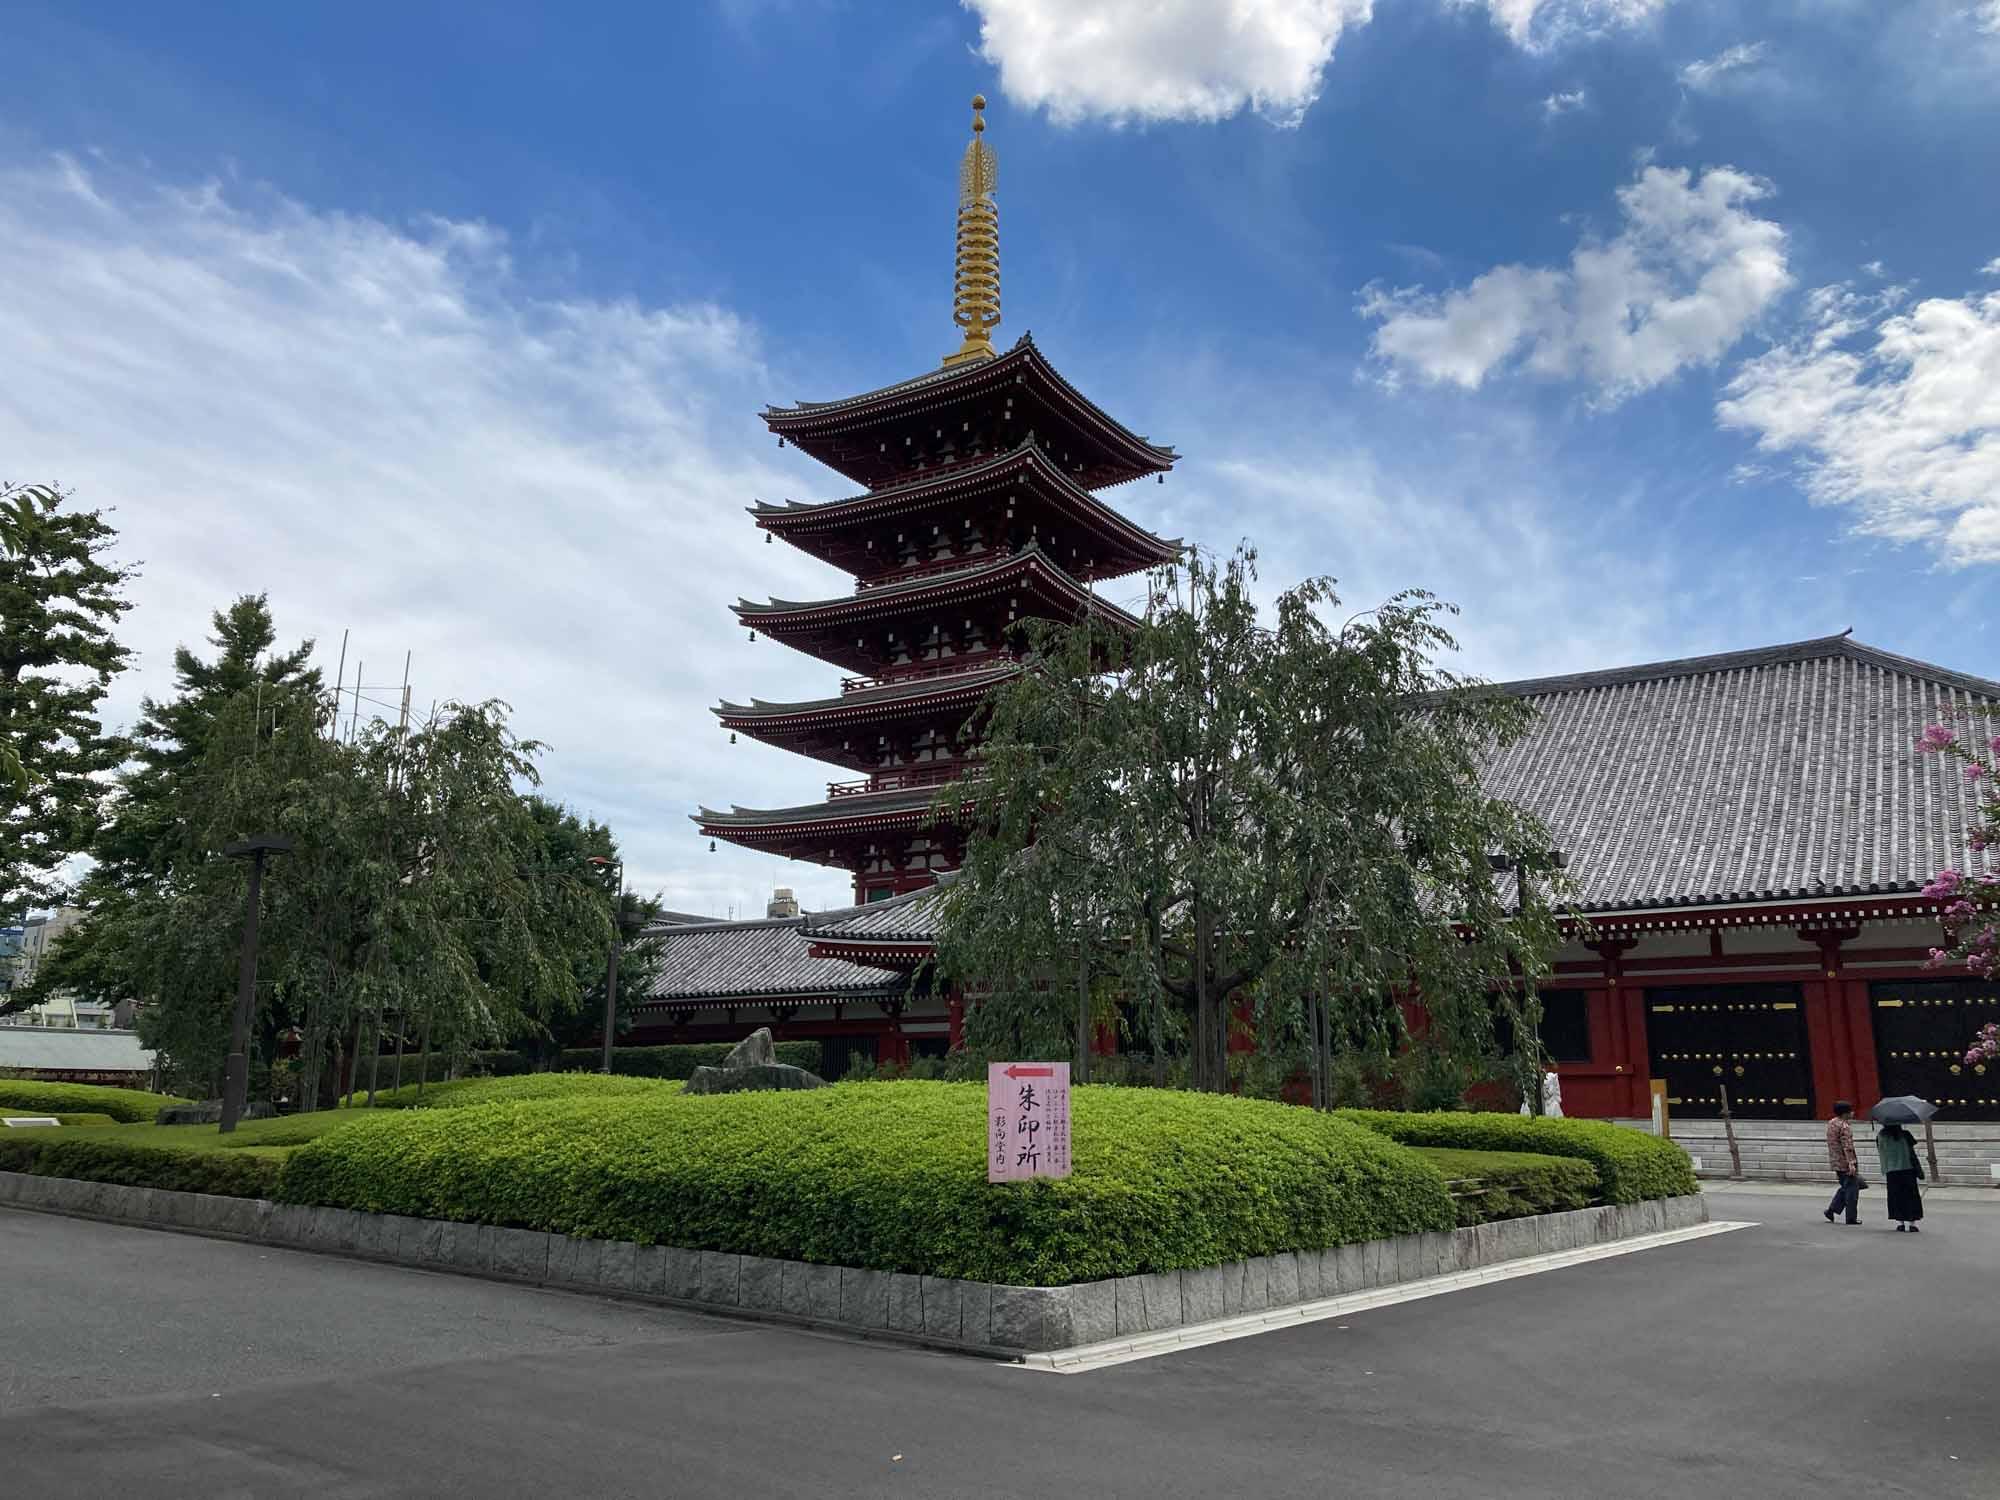 そして、ほぼお隣にある浅草寺。観光客でいっぱいかと思いきや、雷門から少し離れている五重の塔付近は静かで落ち着いていて、ちょっと仕事に疲れた時の息抜きに、散歩に来るのが気持ちよさそうだと感じました。